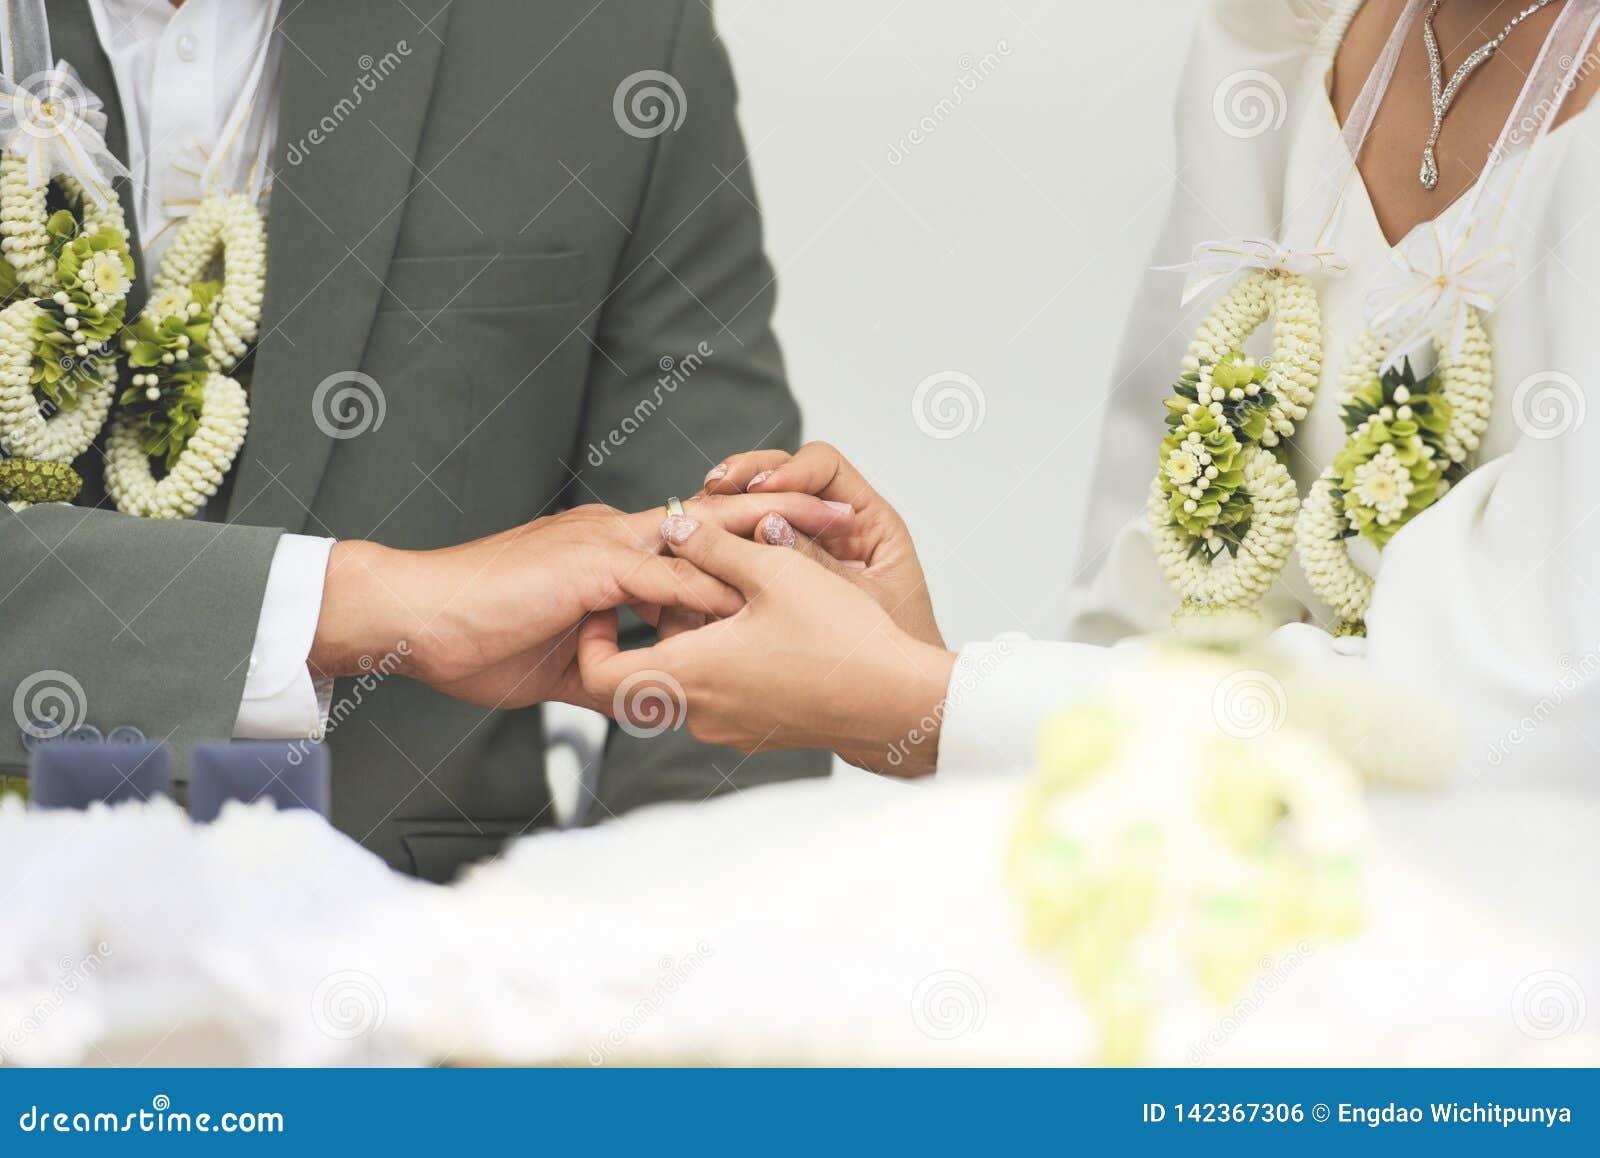 De bruid draagt een trouwring op bruidegom op rechtse ringvinger op haar huwelijksdag